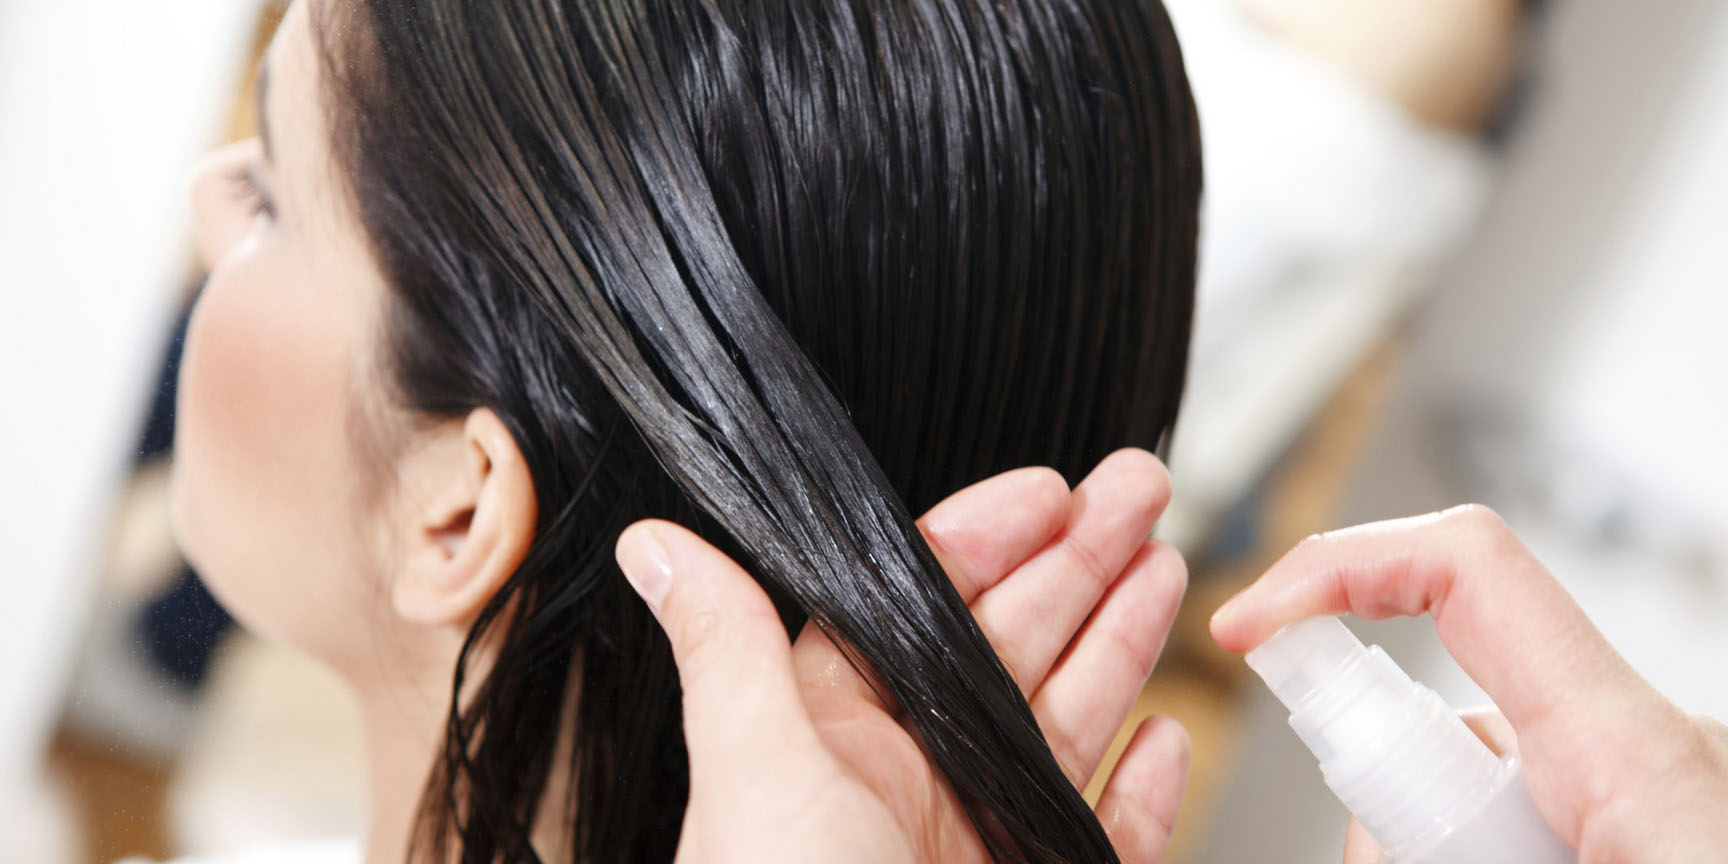 Нанесение спрея на волосы